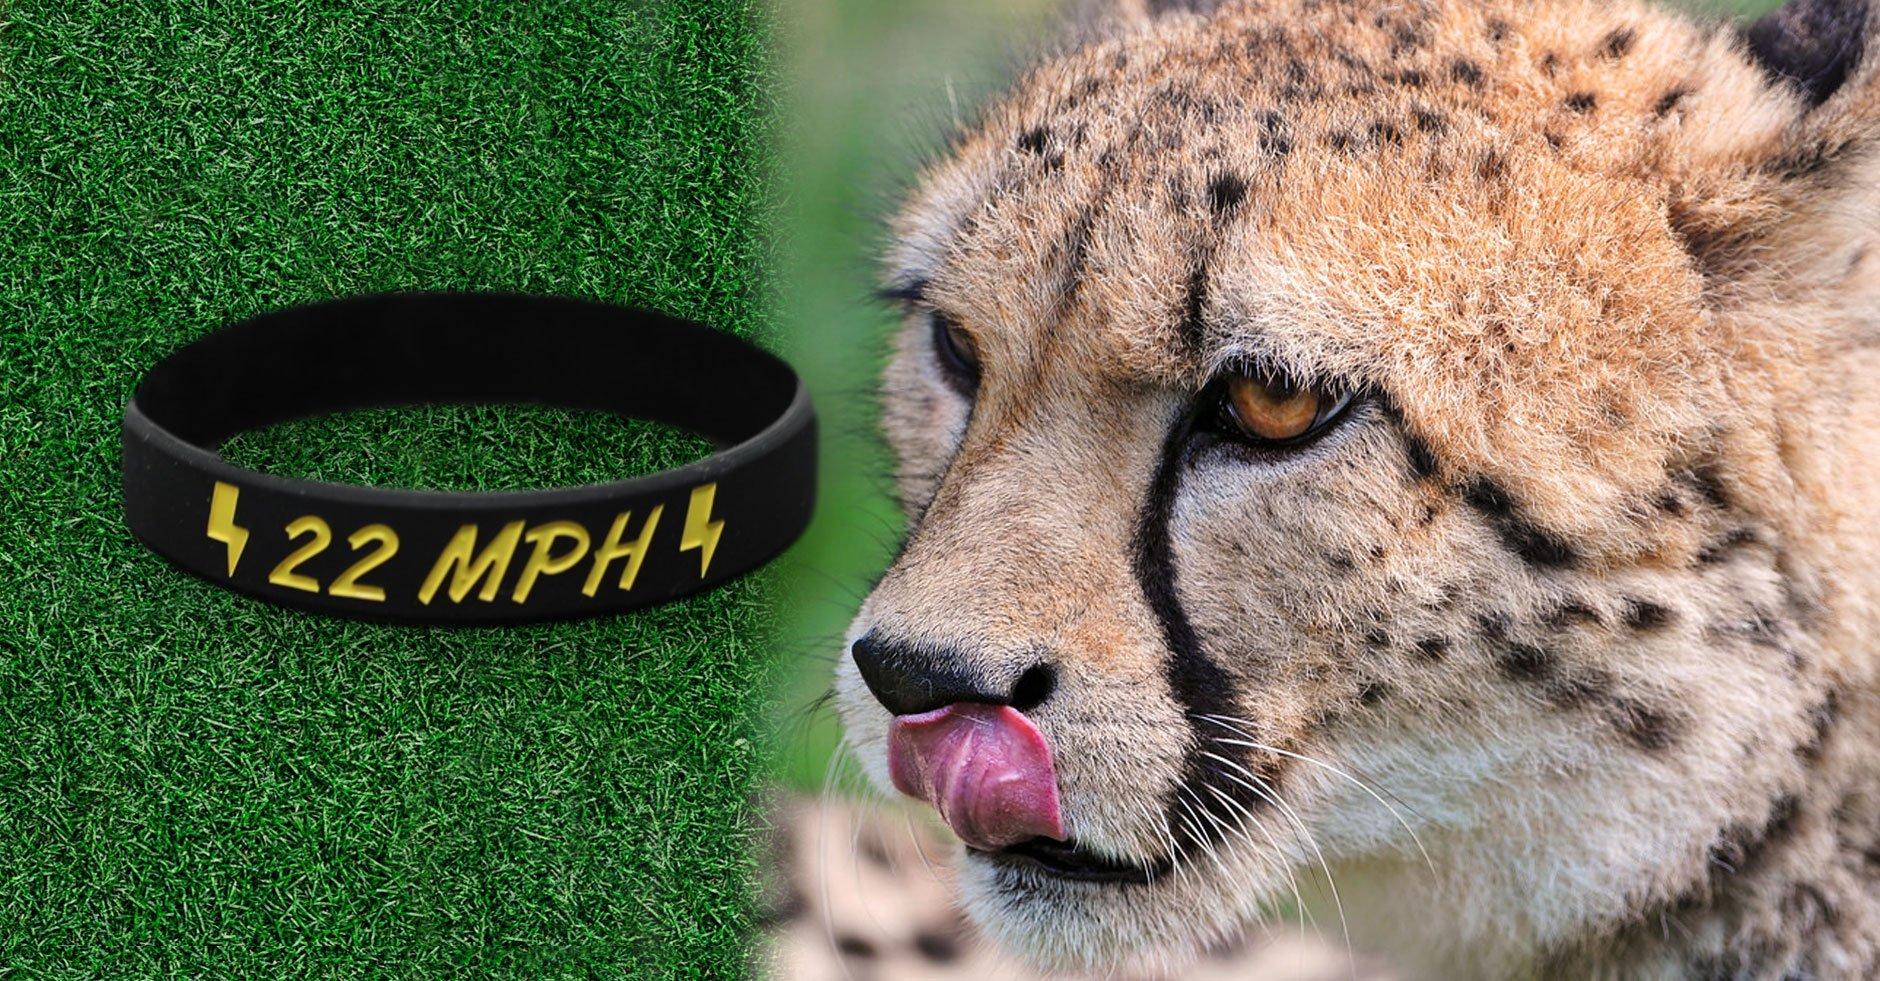 Cheetah Licking Lips At MPH Wristbands